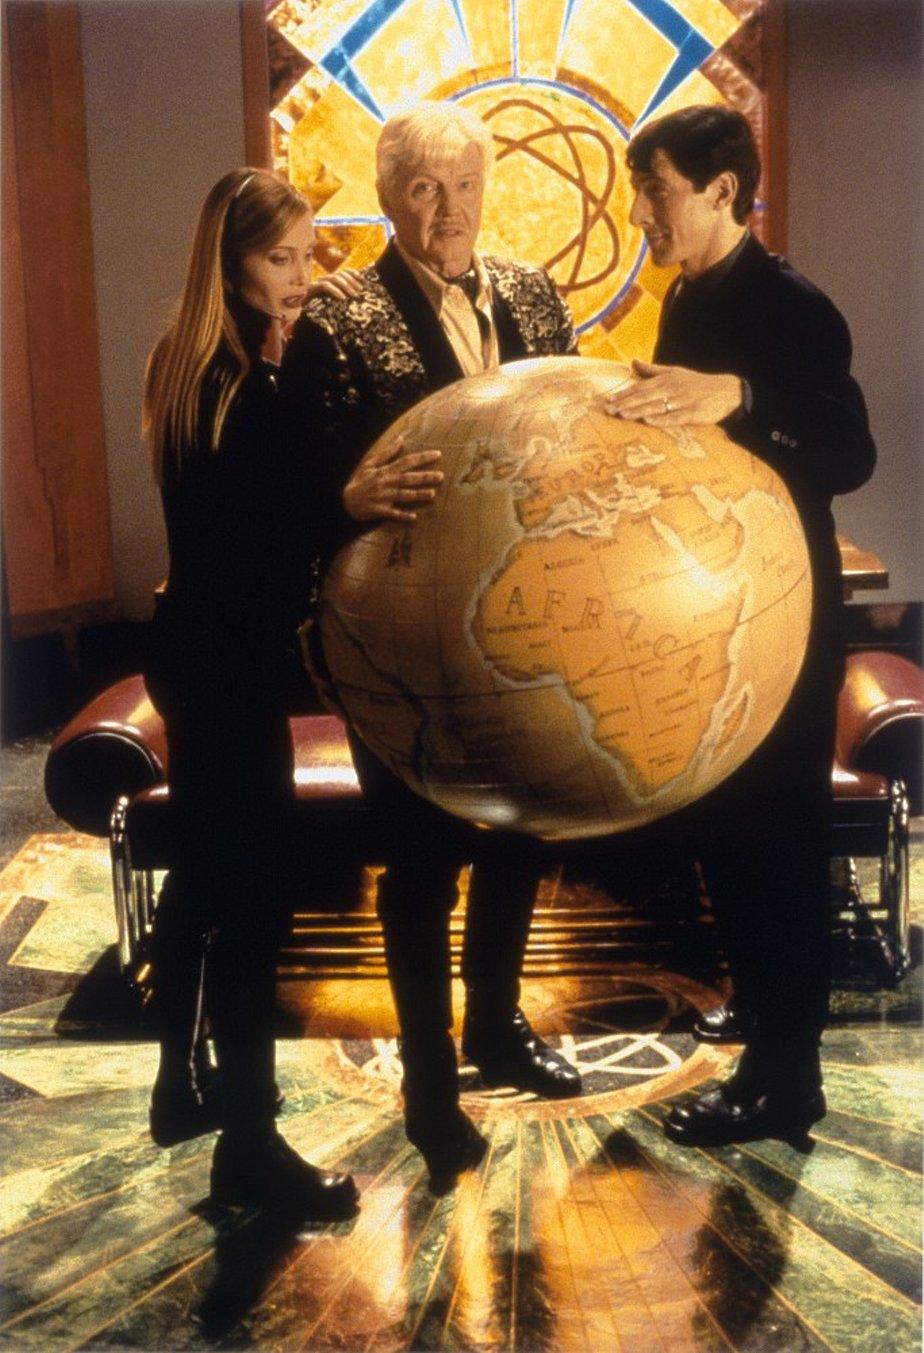 Смотреть Супердетки: Вундеркинды 2 (Superbabies: Baby Geniuses 2, 2004) видео